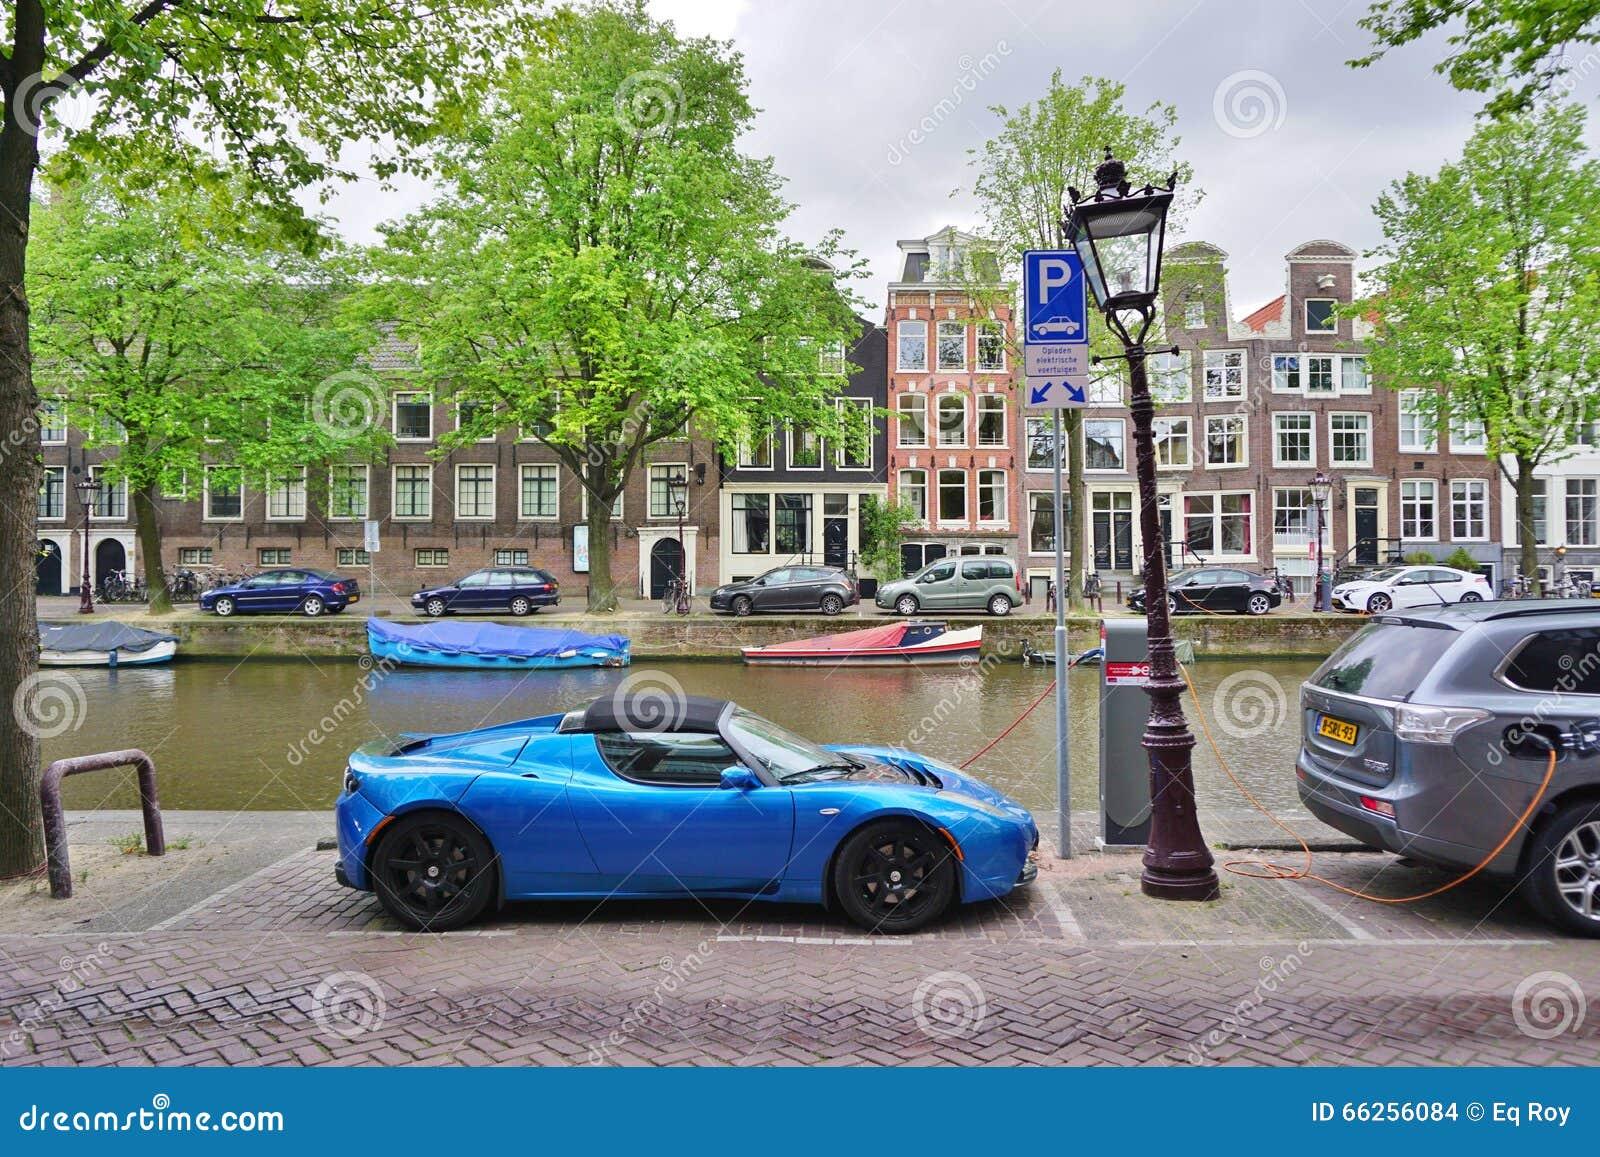 Stop In Elektrische Auto Die In De Straat In Amsterdam Laden